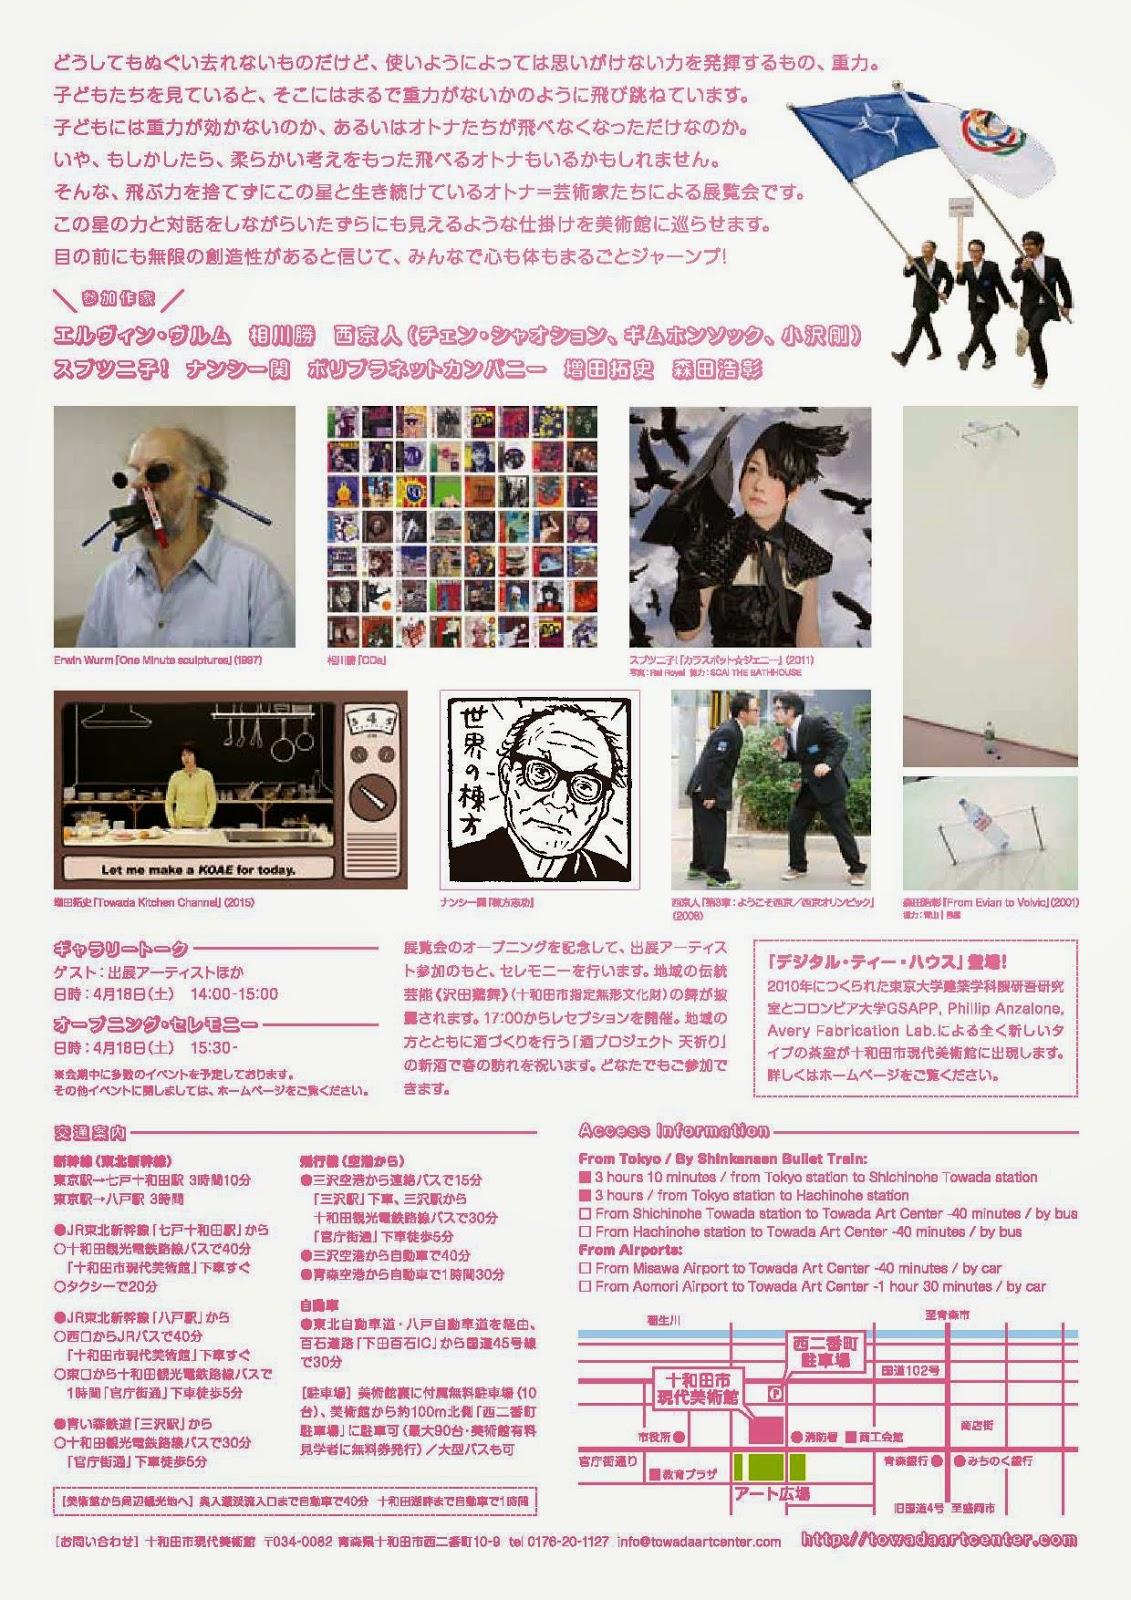 Towada Art Center Special Exhibit JUMP flyer back 十和田現代美術館  特別展示 ジャンプ チラシ裏